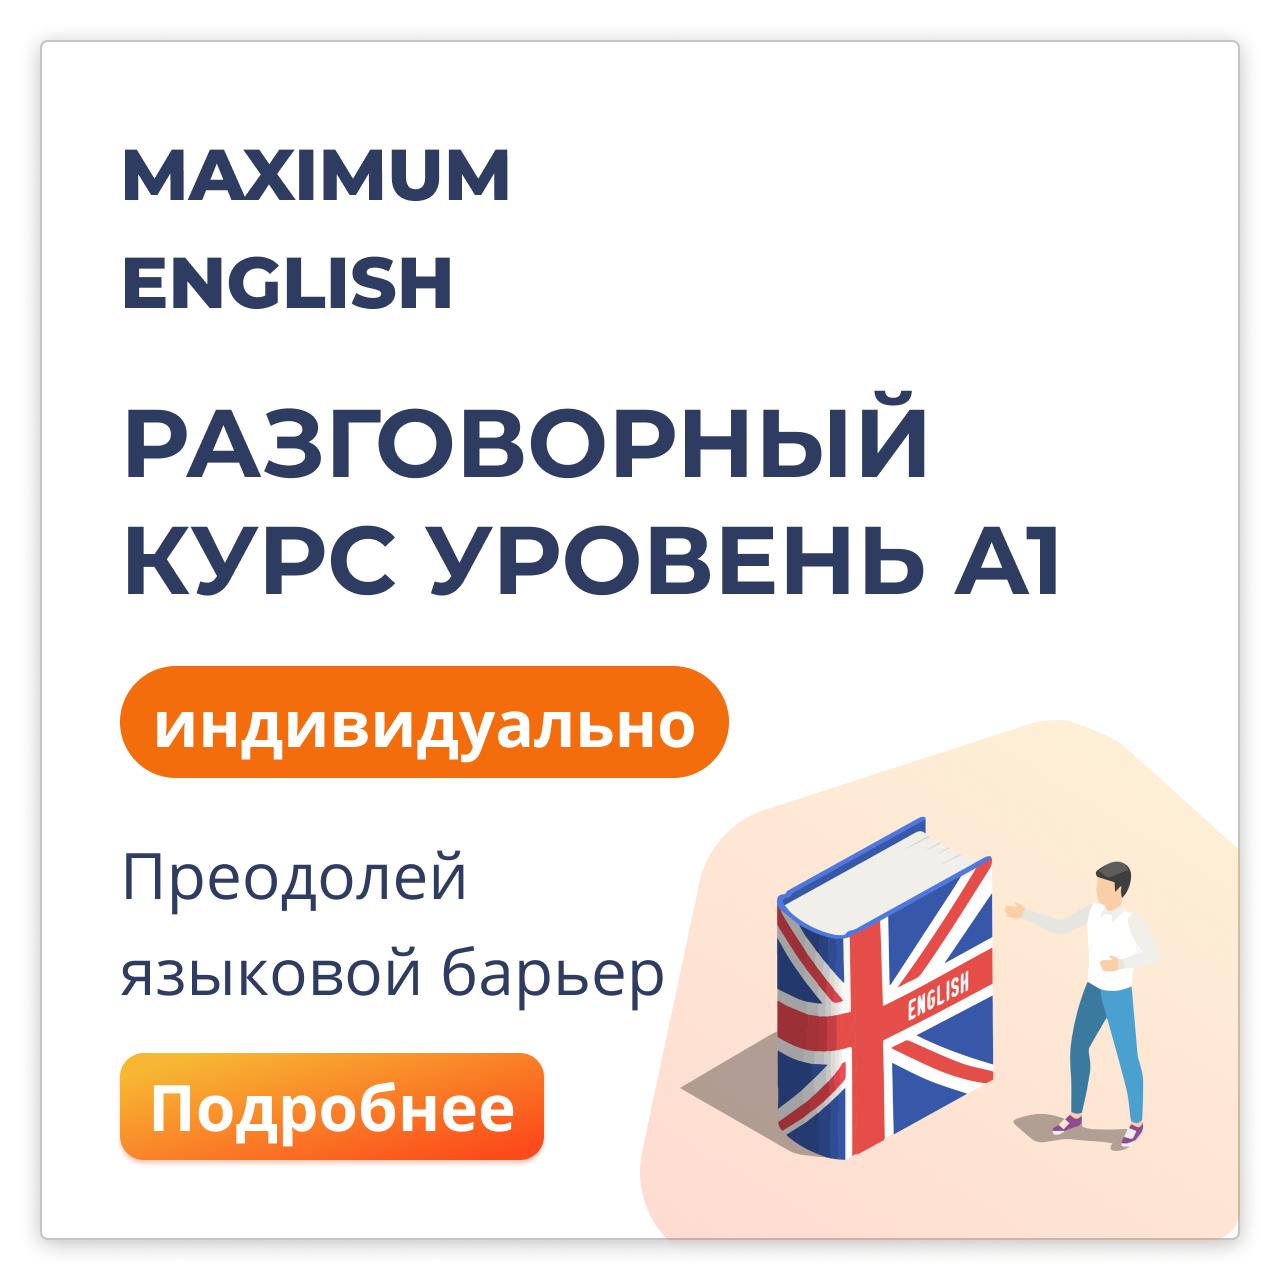 Разговорный курс Maximum English A2